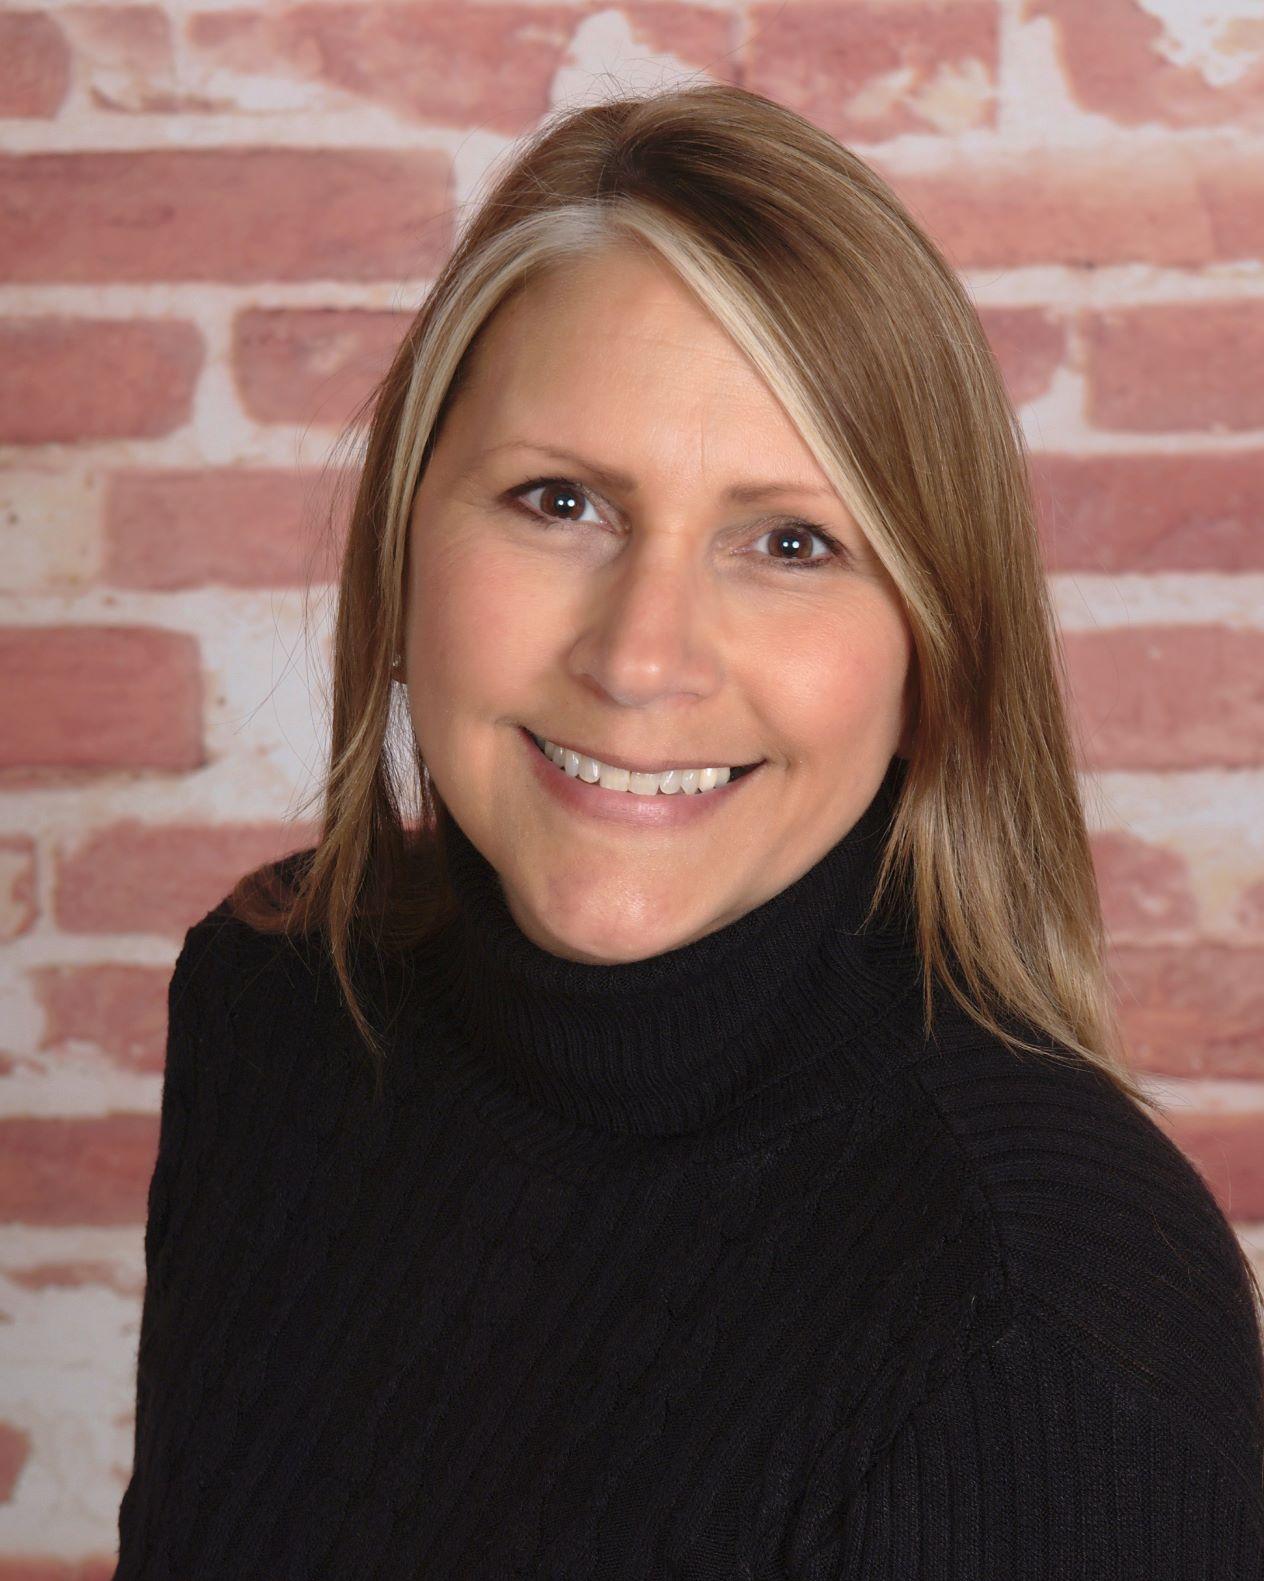 Kimberly Whitlock